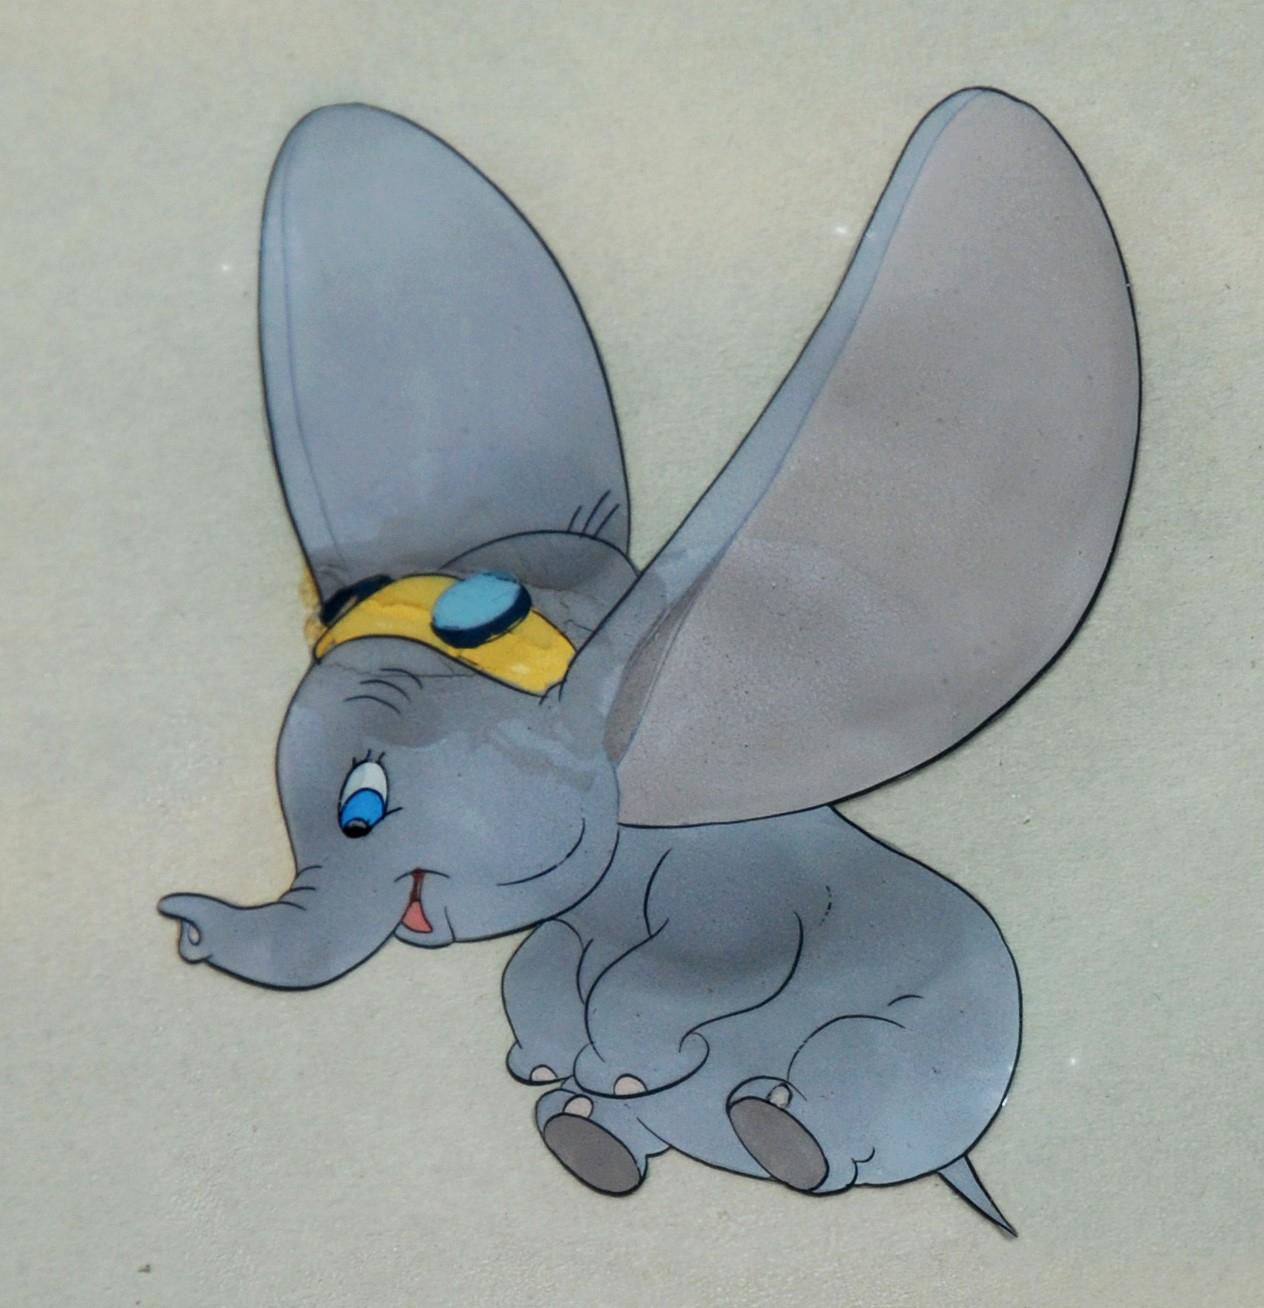 Dessins En Couleurs À Imprimer : Dumbo, Numéro : 683777 concernant Dessin Dumbo